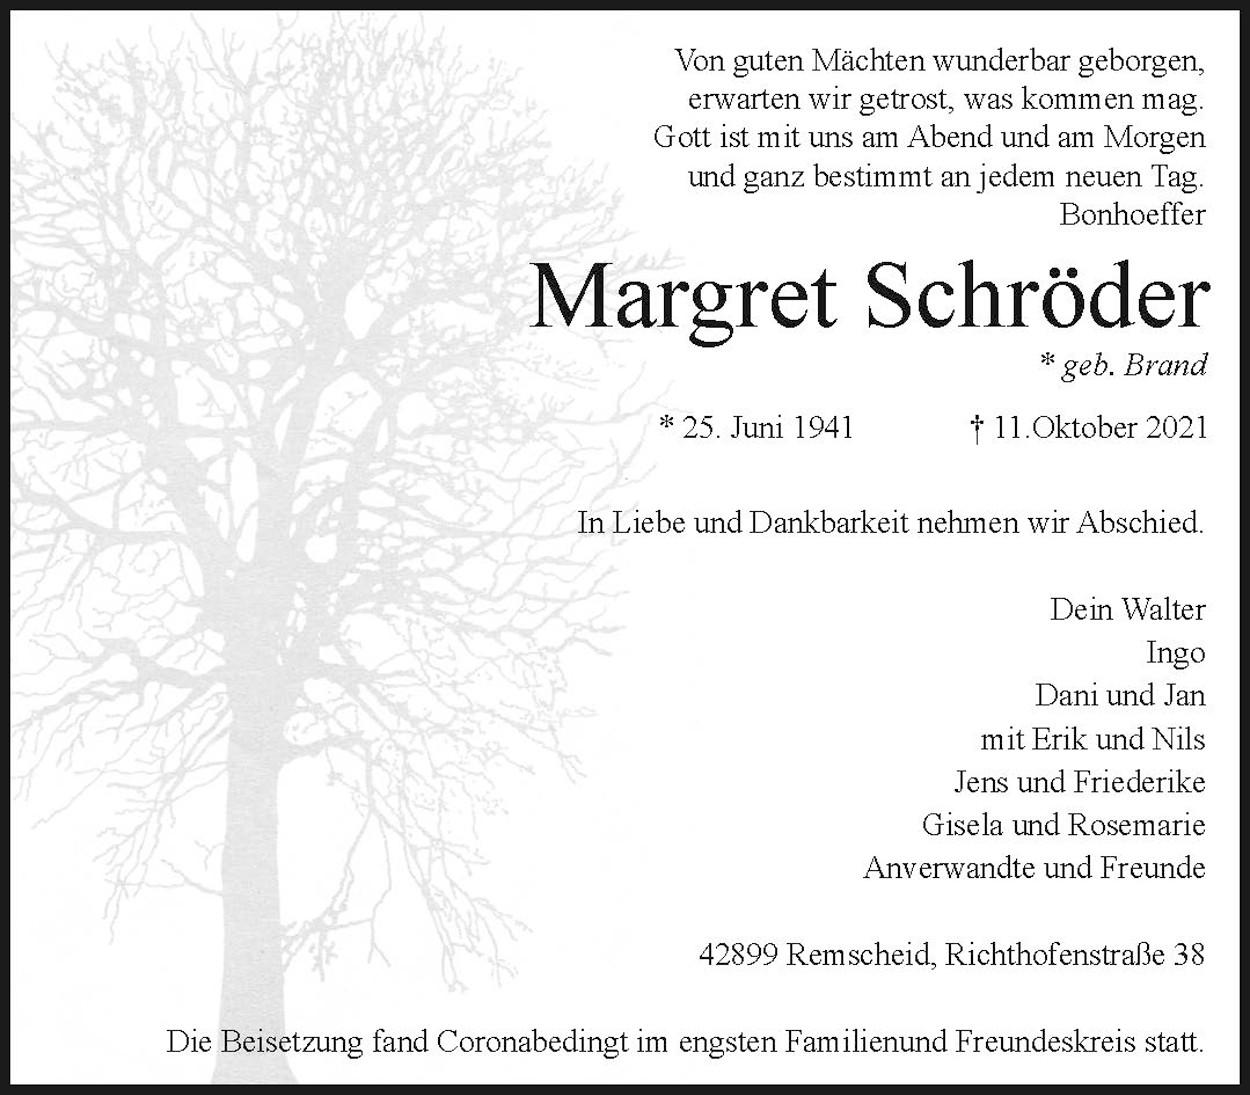 Margret Schröder